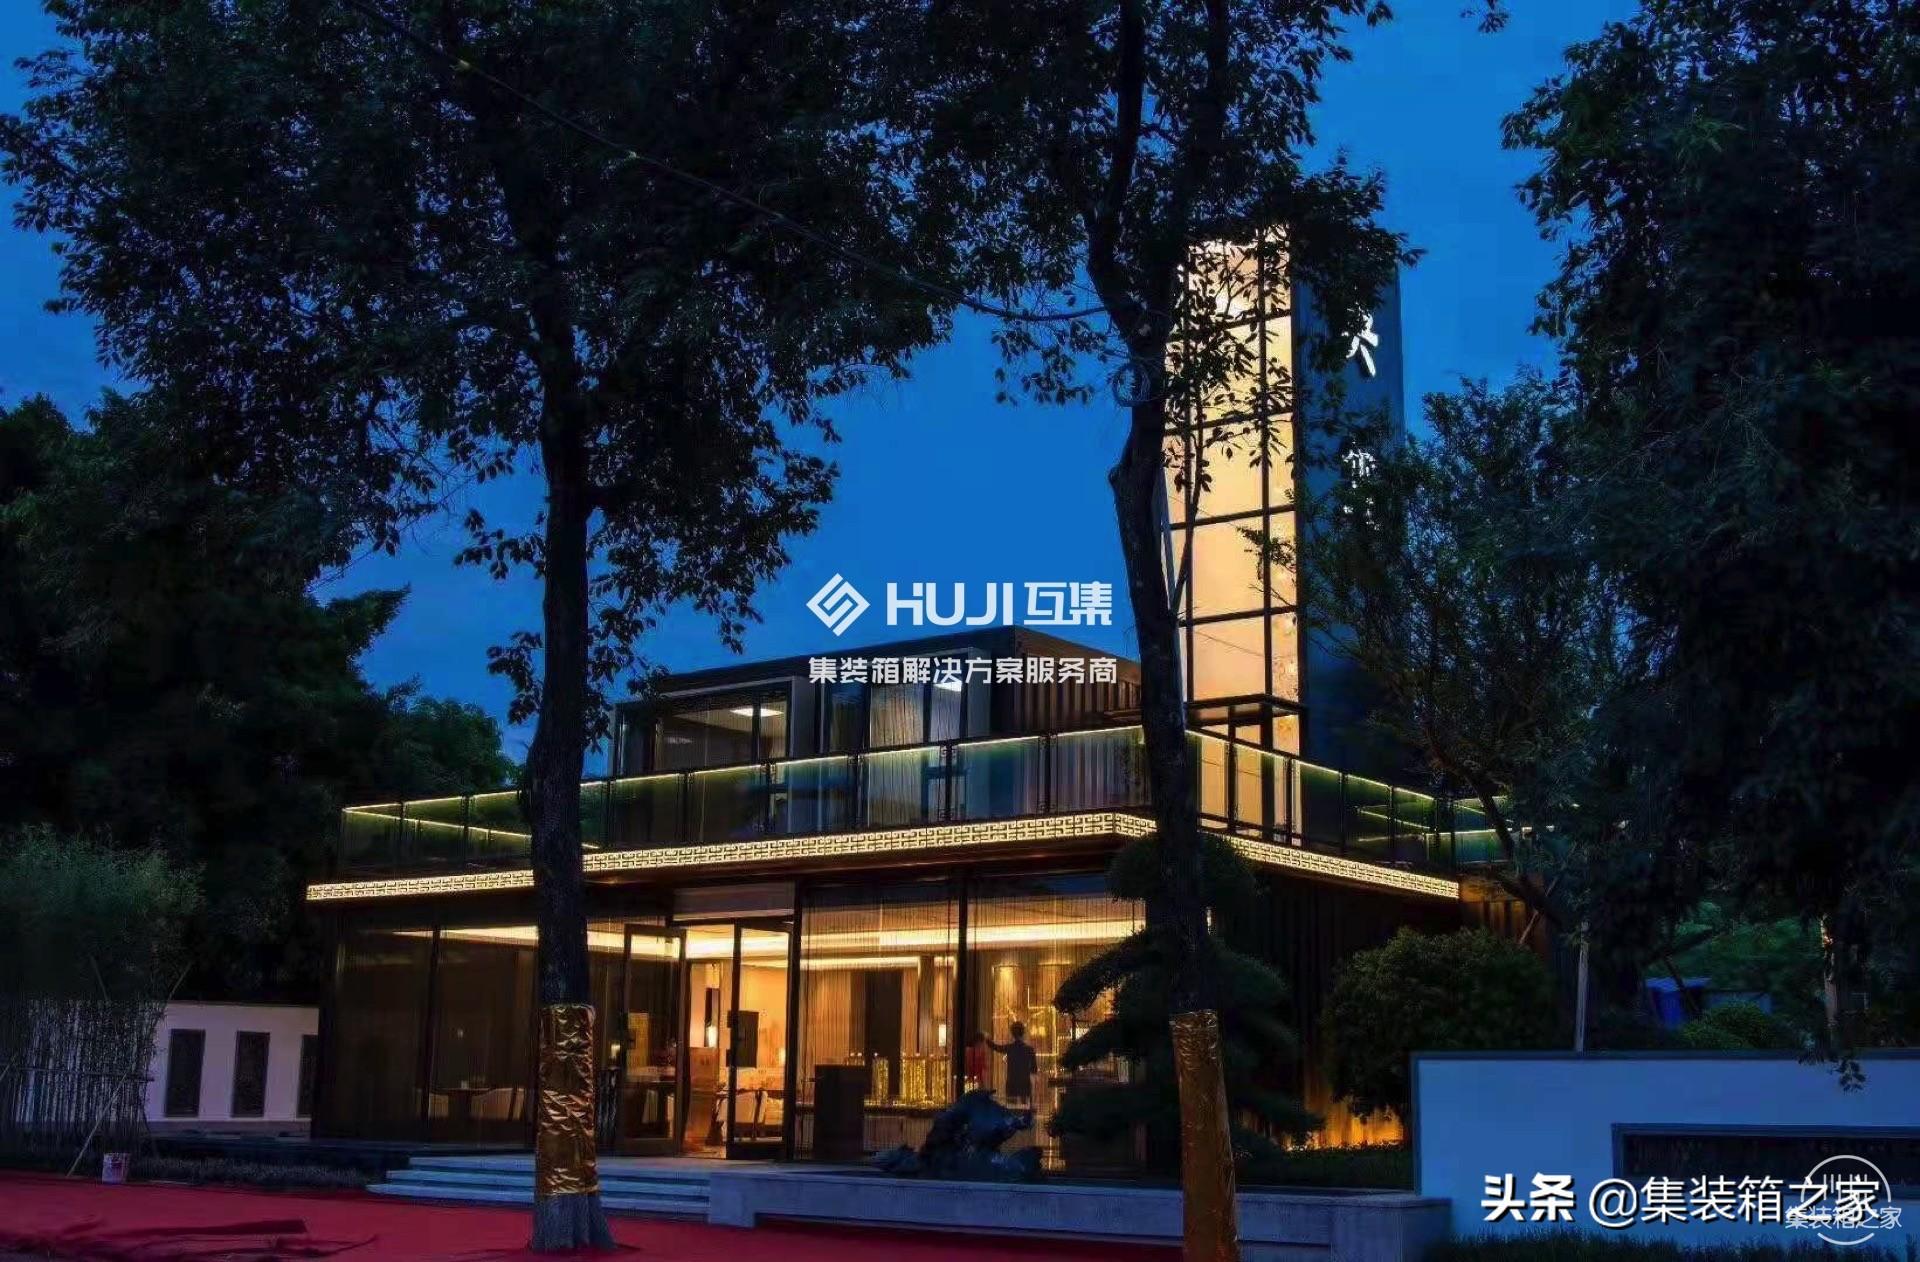 建发上海央玺集装箱售楼部-1.jpg